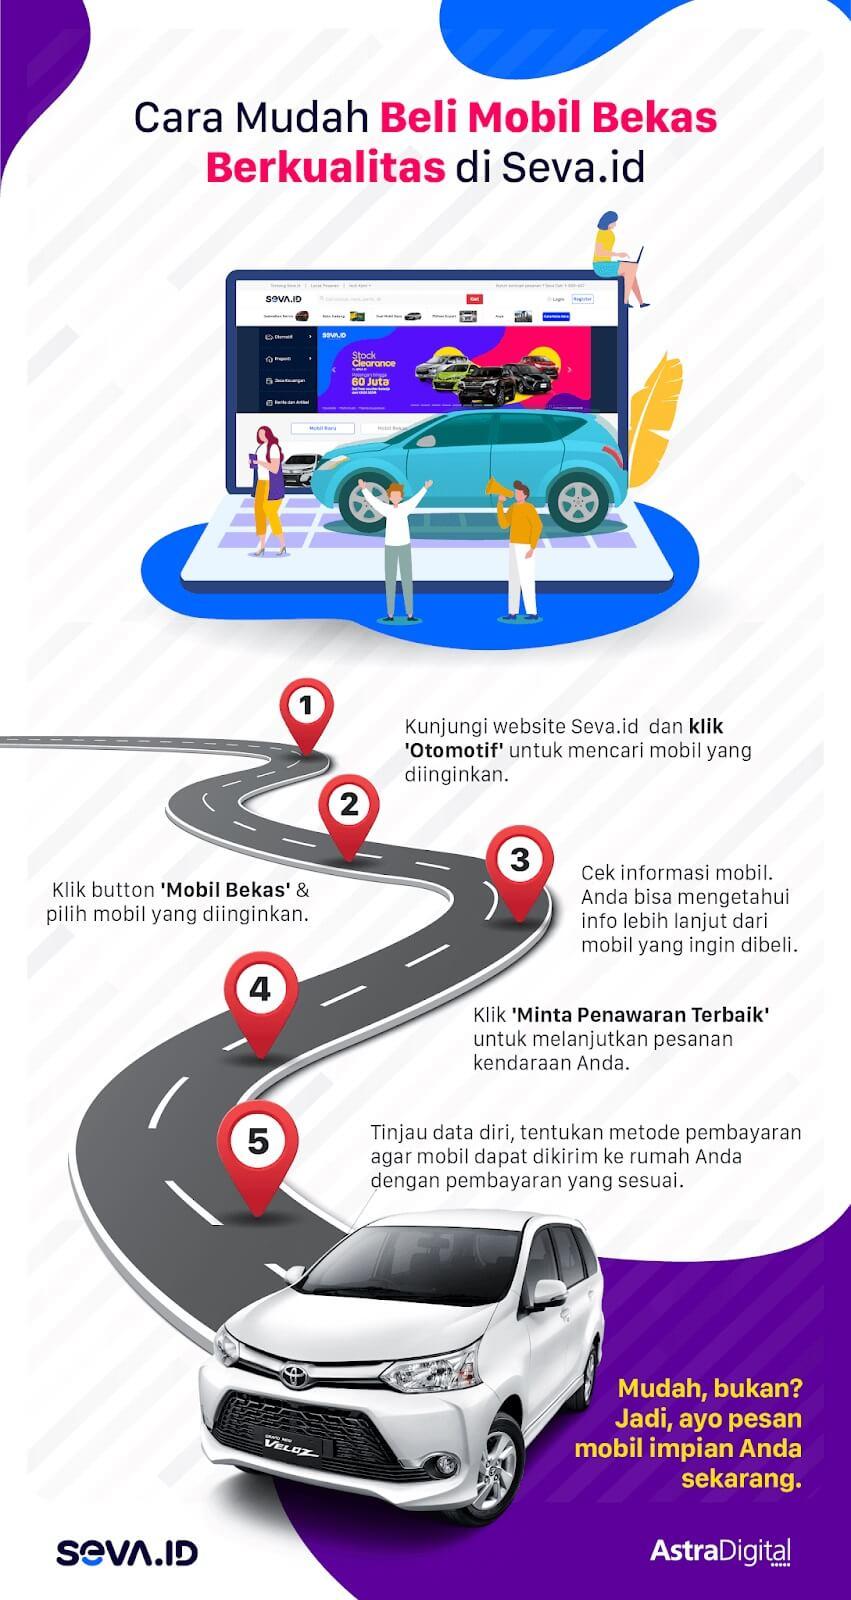 Cara Mudah Beli Mobil Bekas Berkualitas